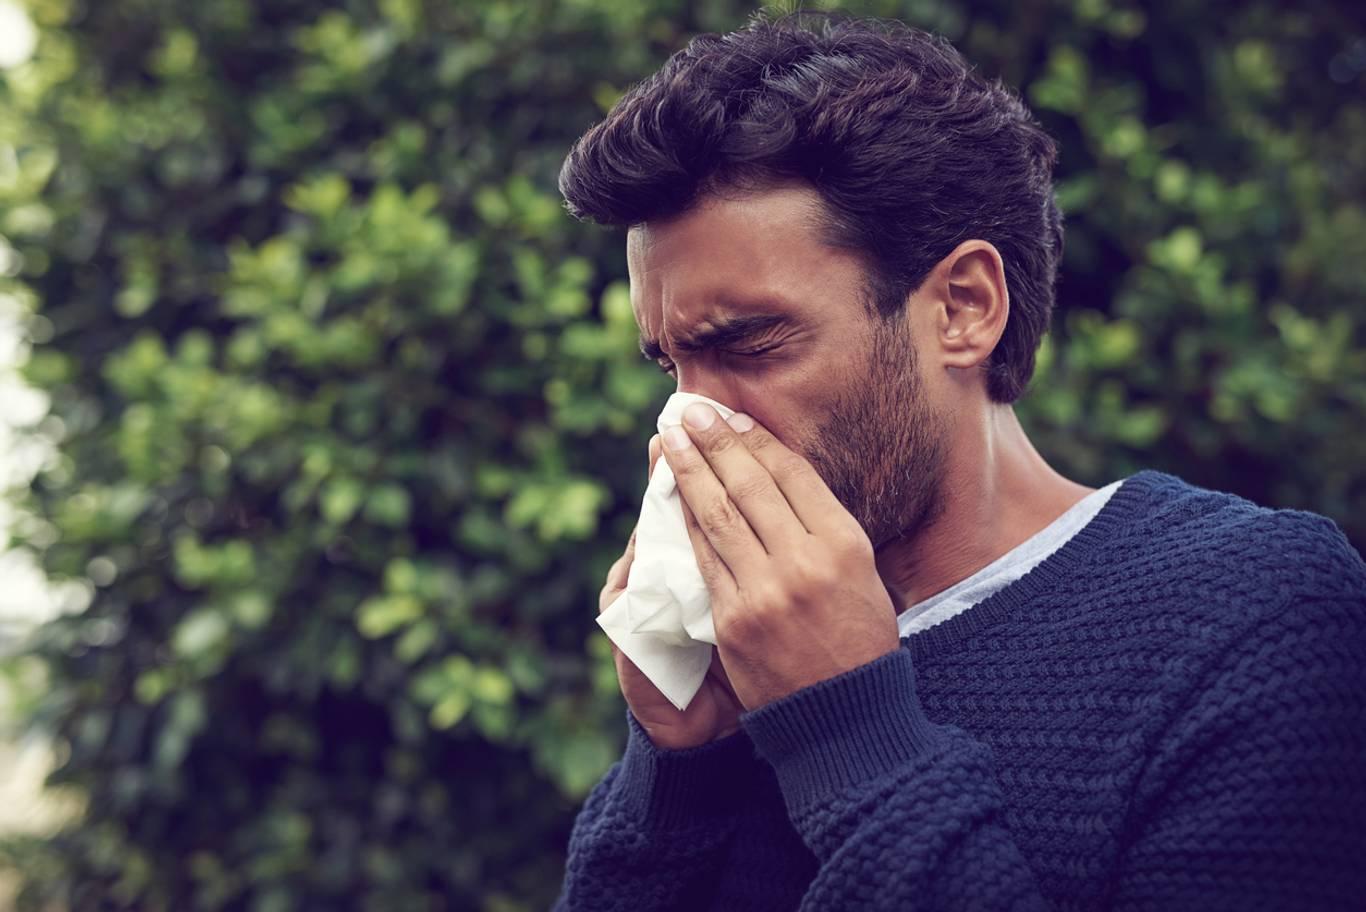 英国迎来花粉过敏高发季 几招可预防并缓解不适